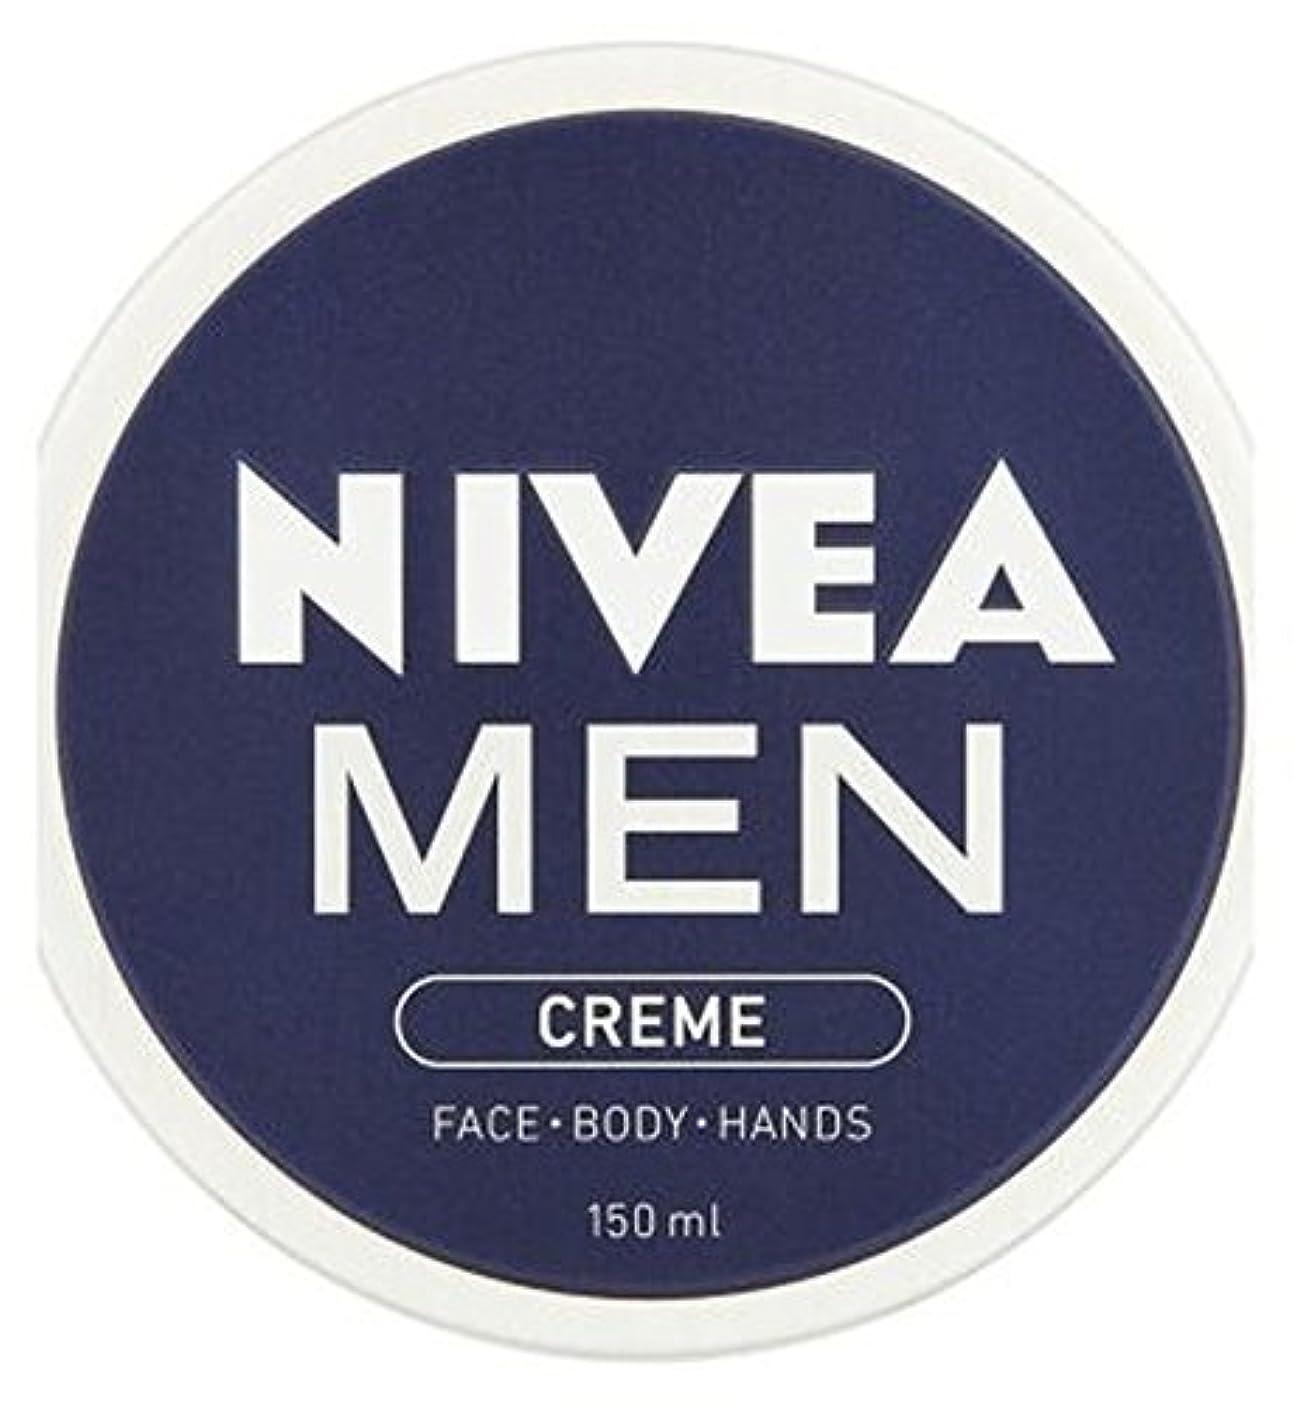 見込み神秘的なエコーNIVEA MEN Creme 150ml - ニベアの男性が150ミリリットルクリーム (Nivea) [並行輸入品]